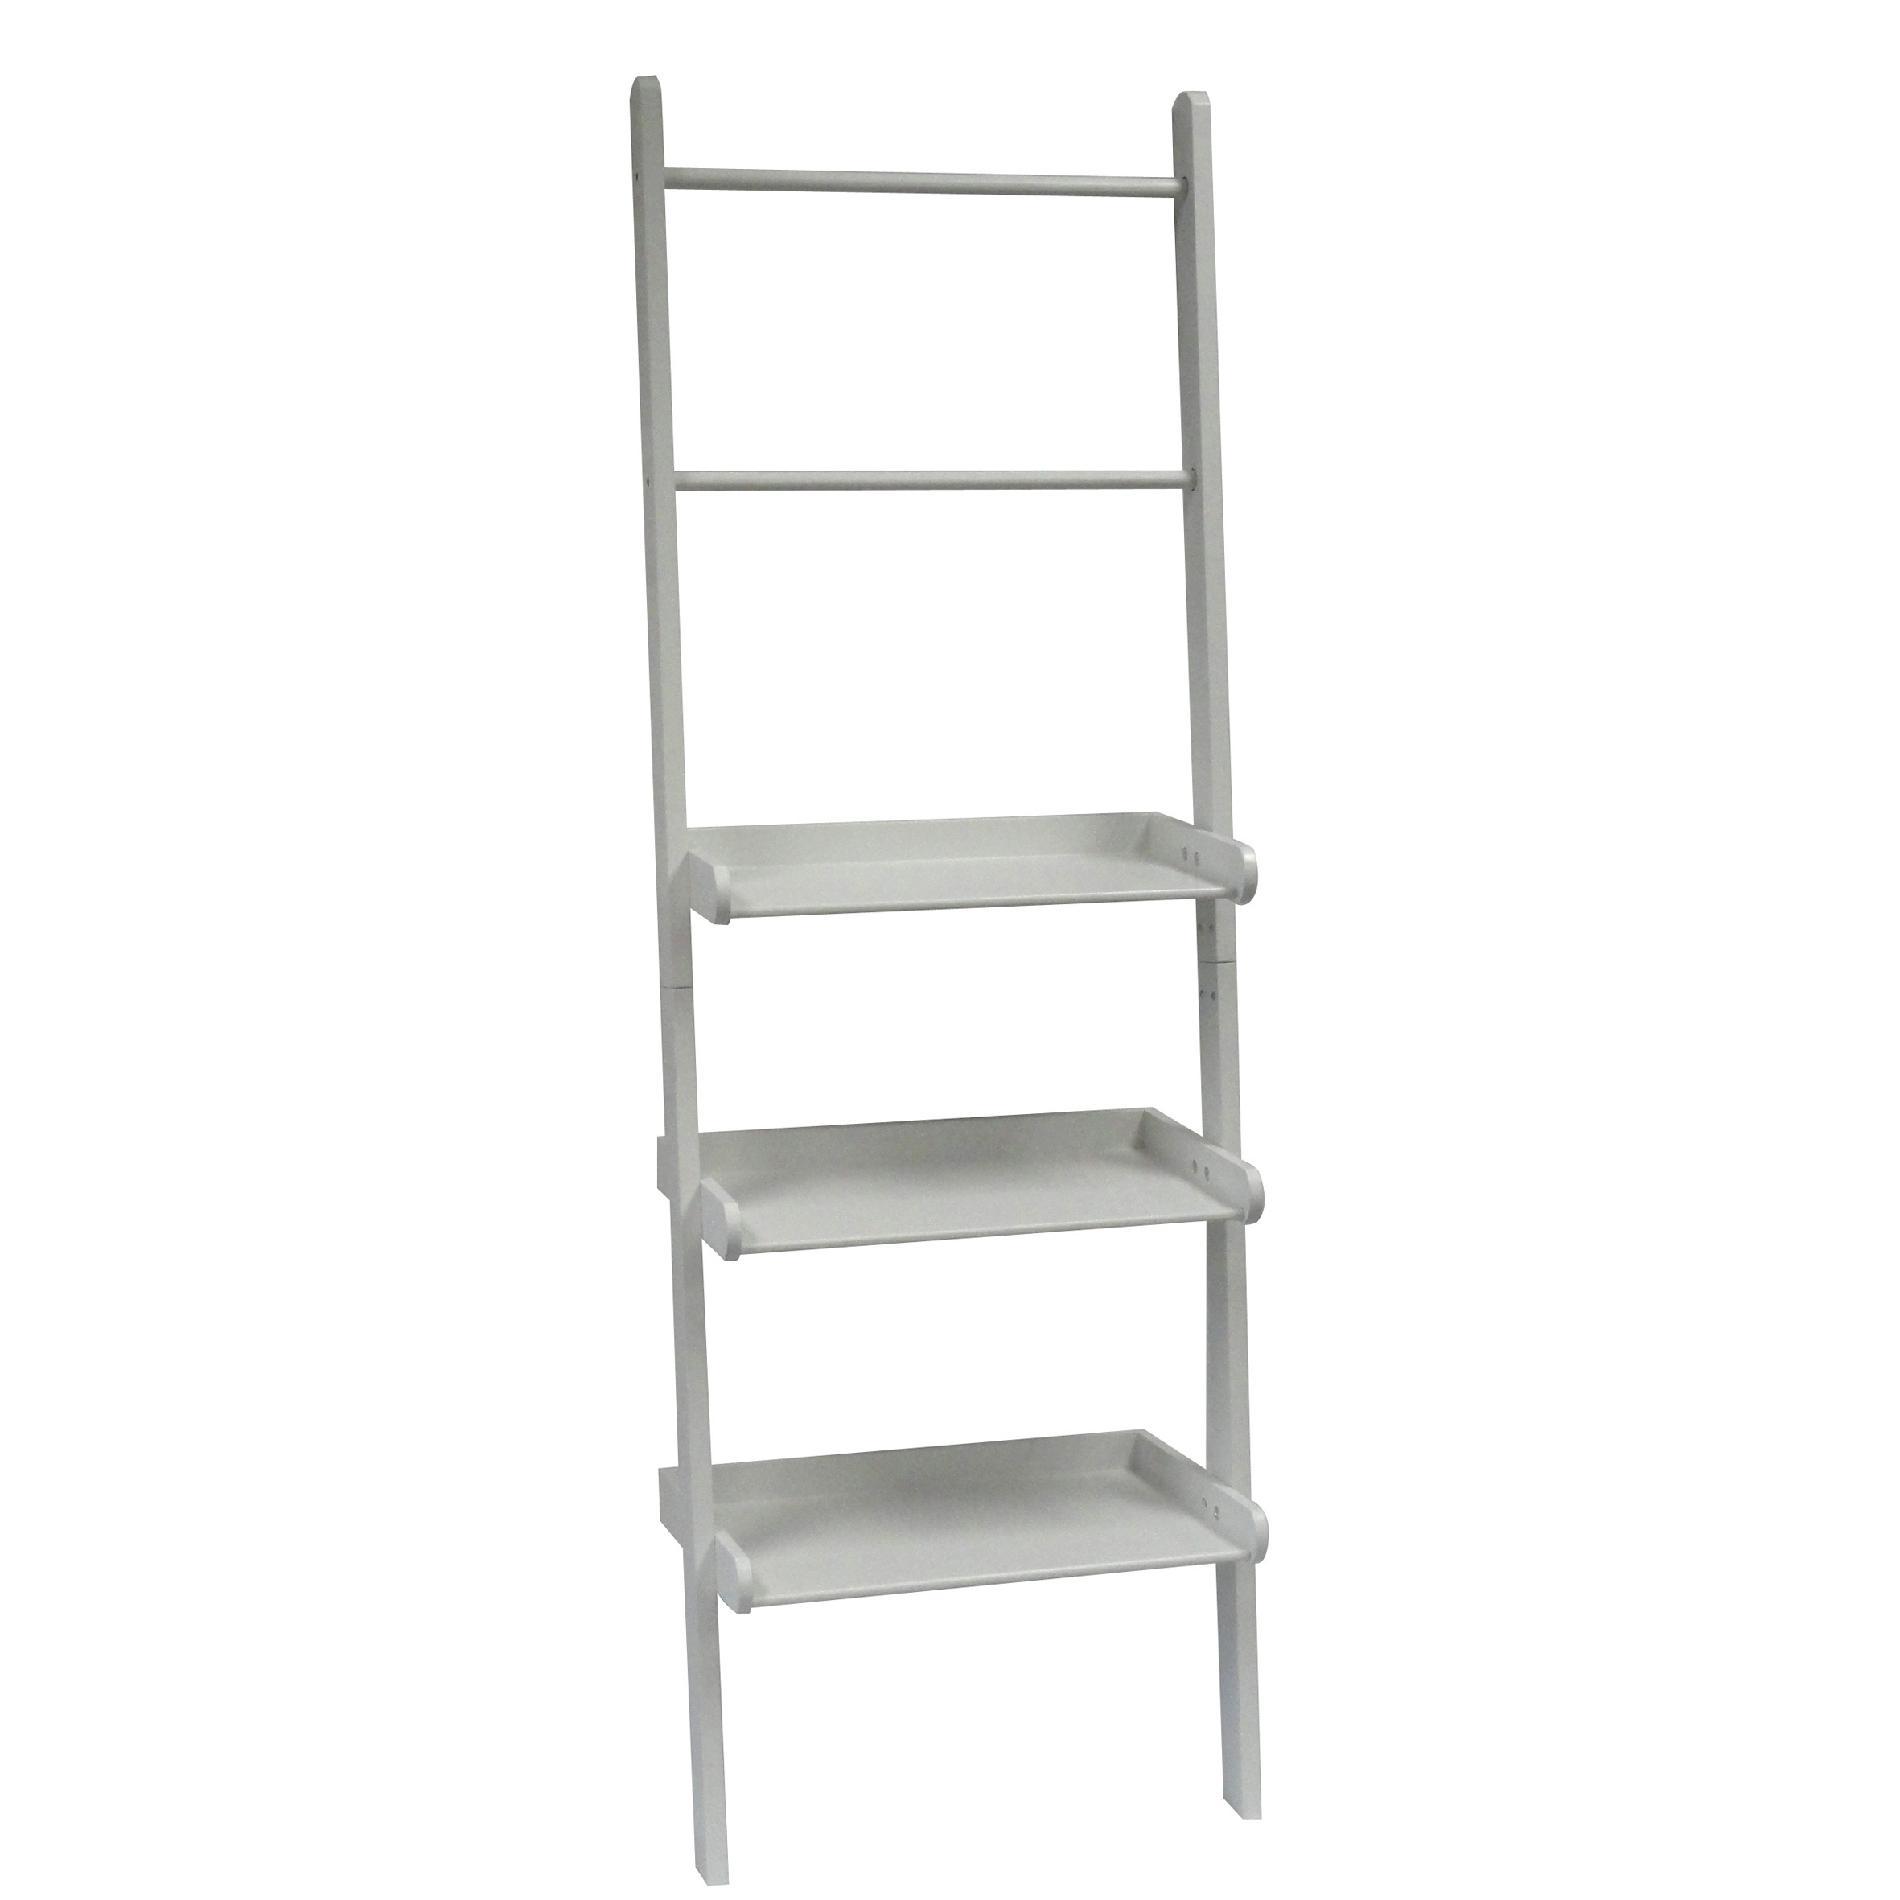 RiverRidge Home RiverRidge Ladder Shelf - White